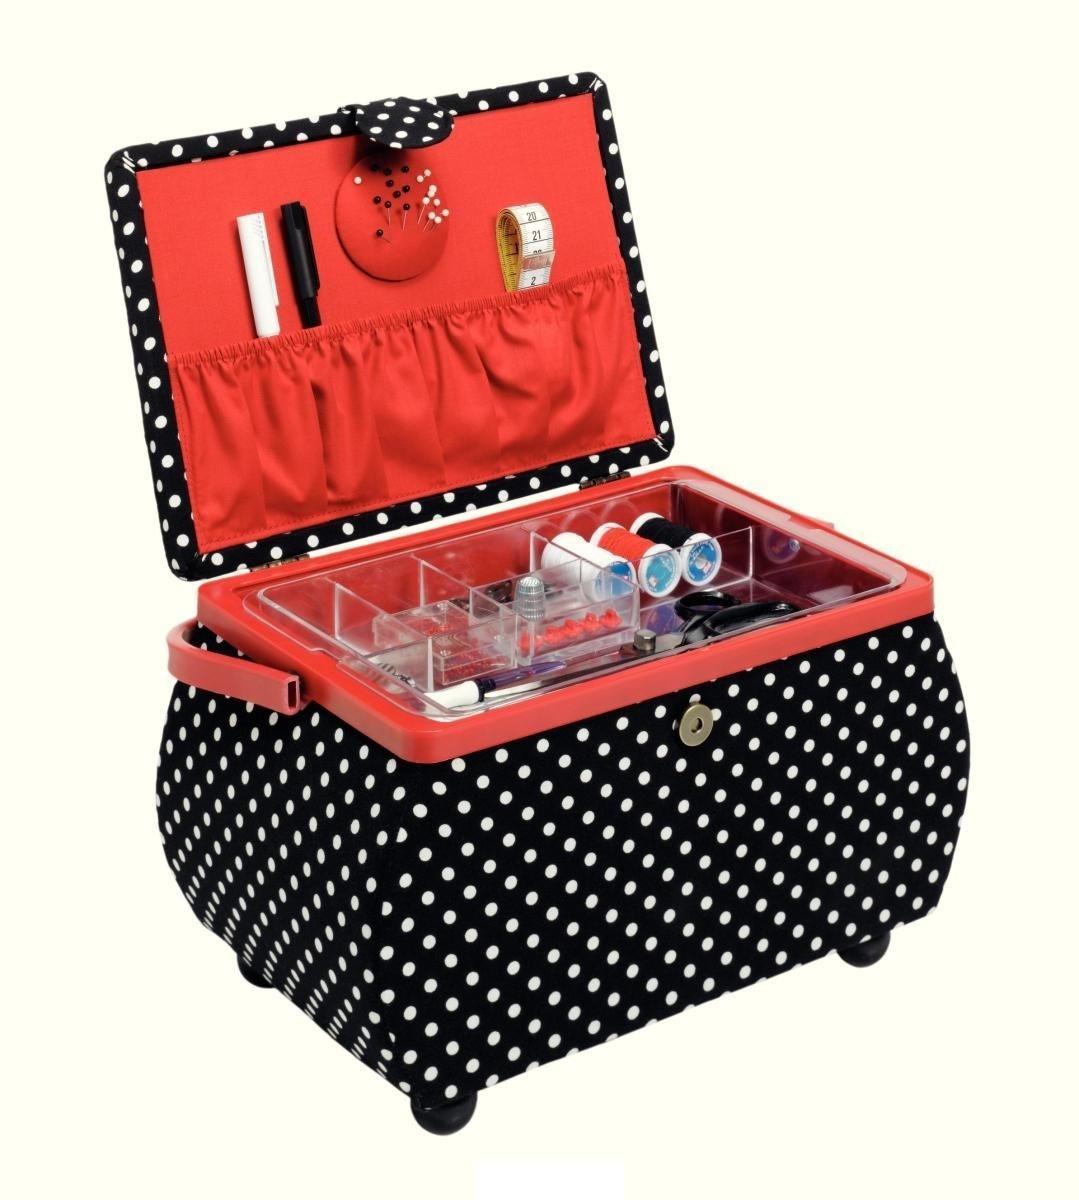 Шкатулка для рукоделия Polka dots (Горошек), цвет: черный, белый, красный, 32 х 20,5 х 20 см10850/1W GOLD IVORYШкатулка для рукоделия в форме корзины. Выполнена в отличном дизайне с дуба темного цвета. Здесь вы можете хранить множество безделушек для своего любимого занятия. Отличный подарок на праздник для человека, которого вы любите и уважаете.